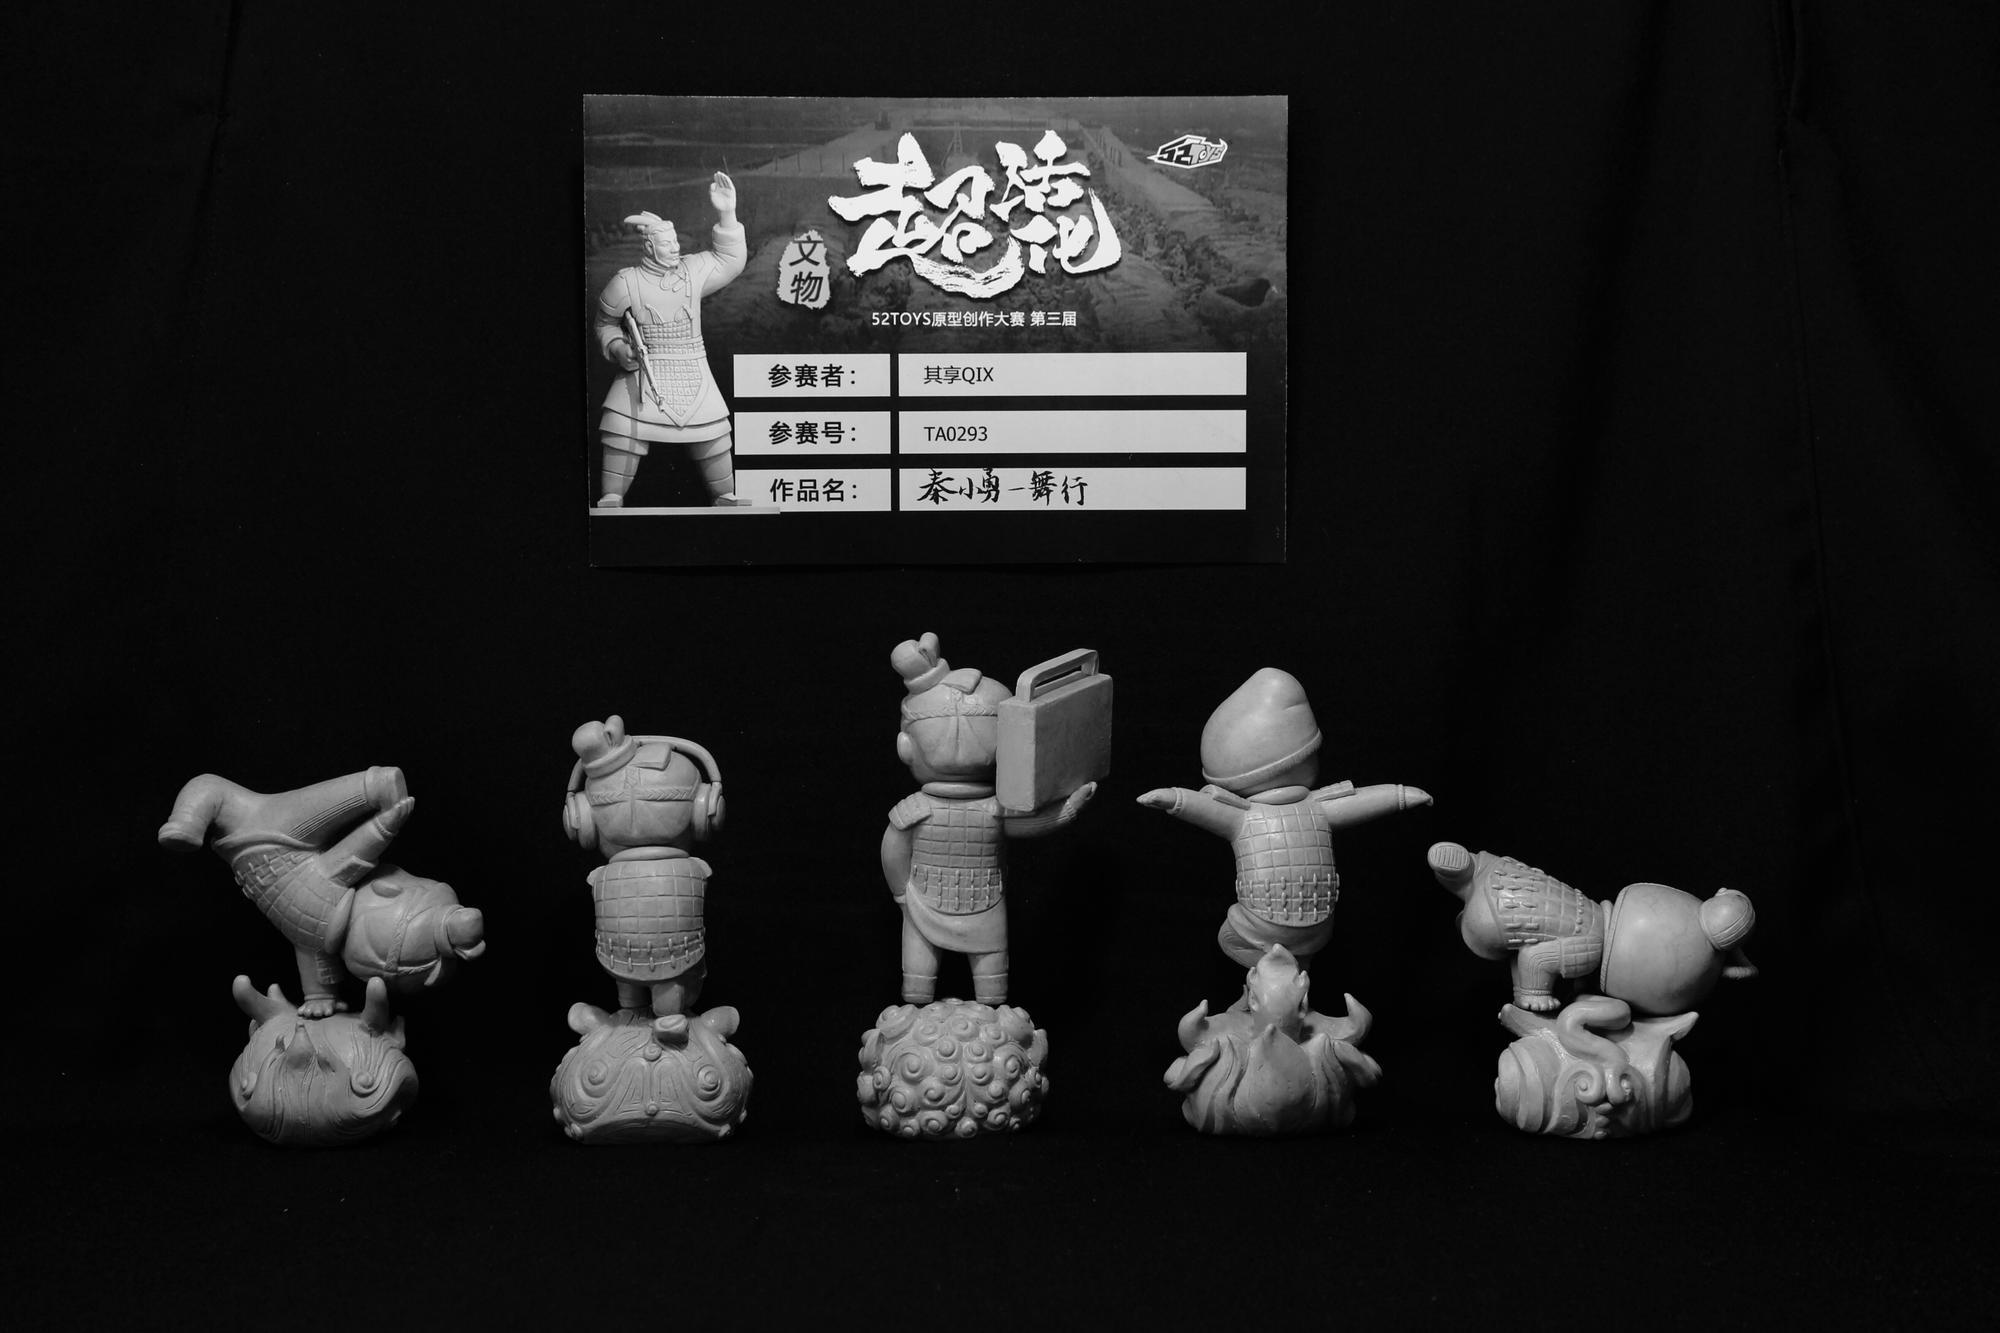 《秦小勇-舞行》 原模图